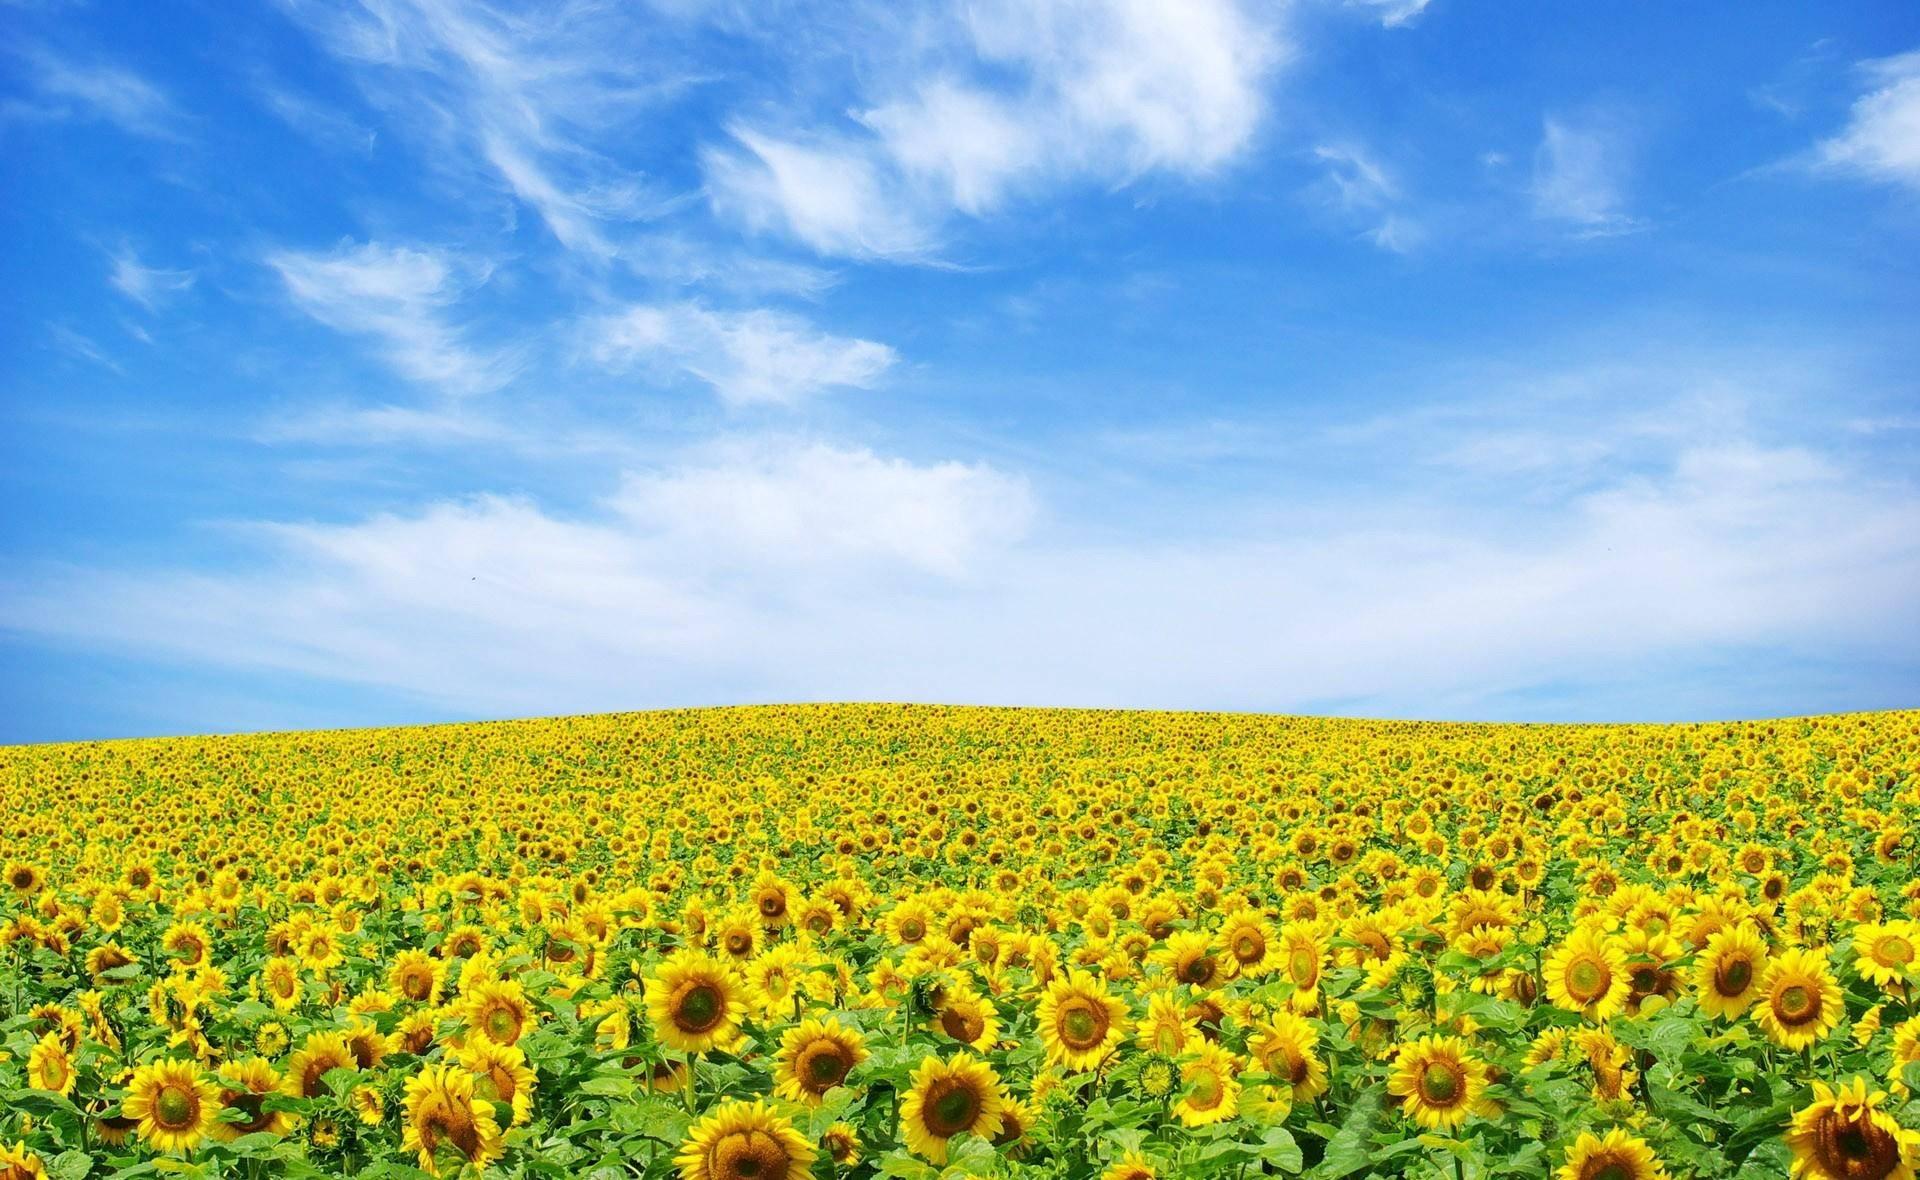 Природа, лето - Красивые Wallpapers обои для рабочего стола ... | 1180x1920